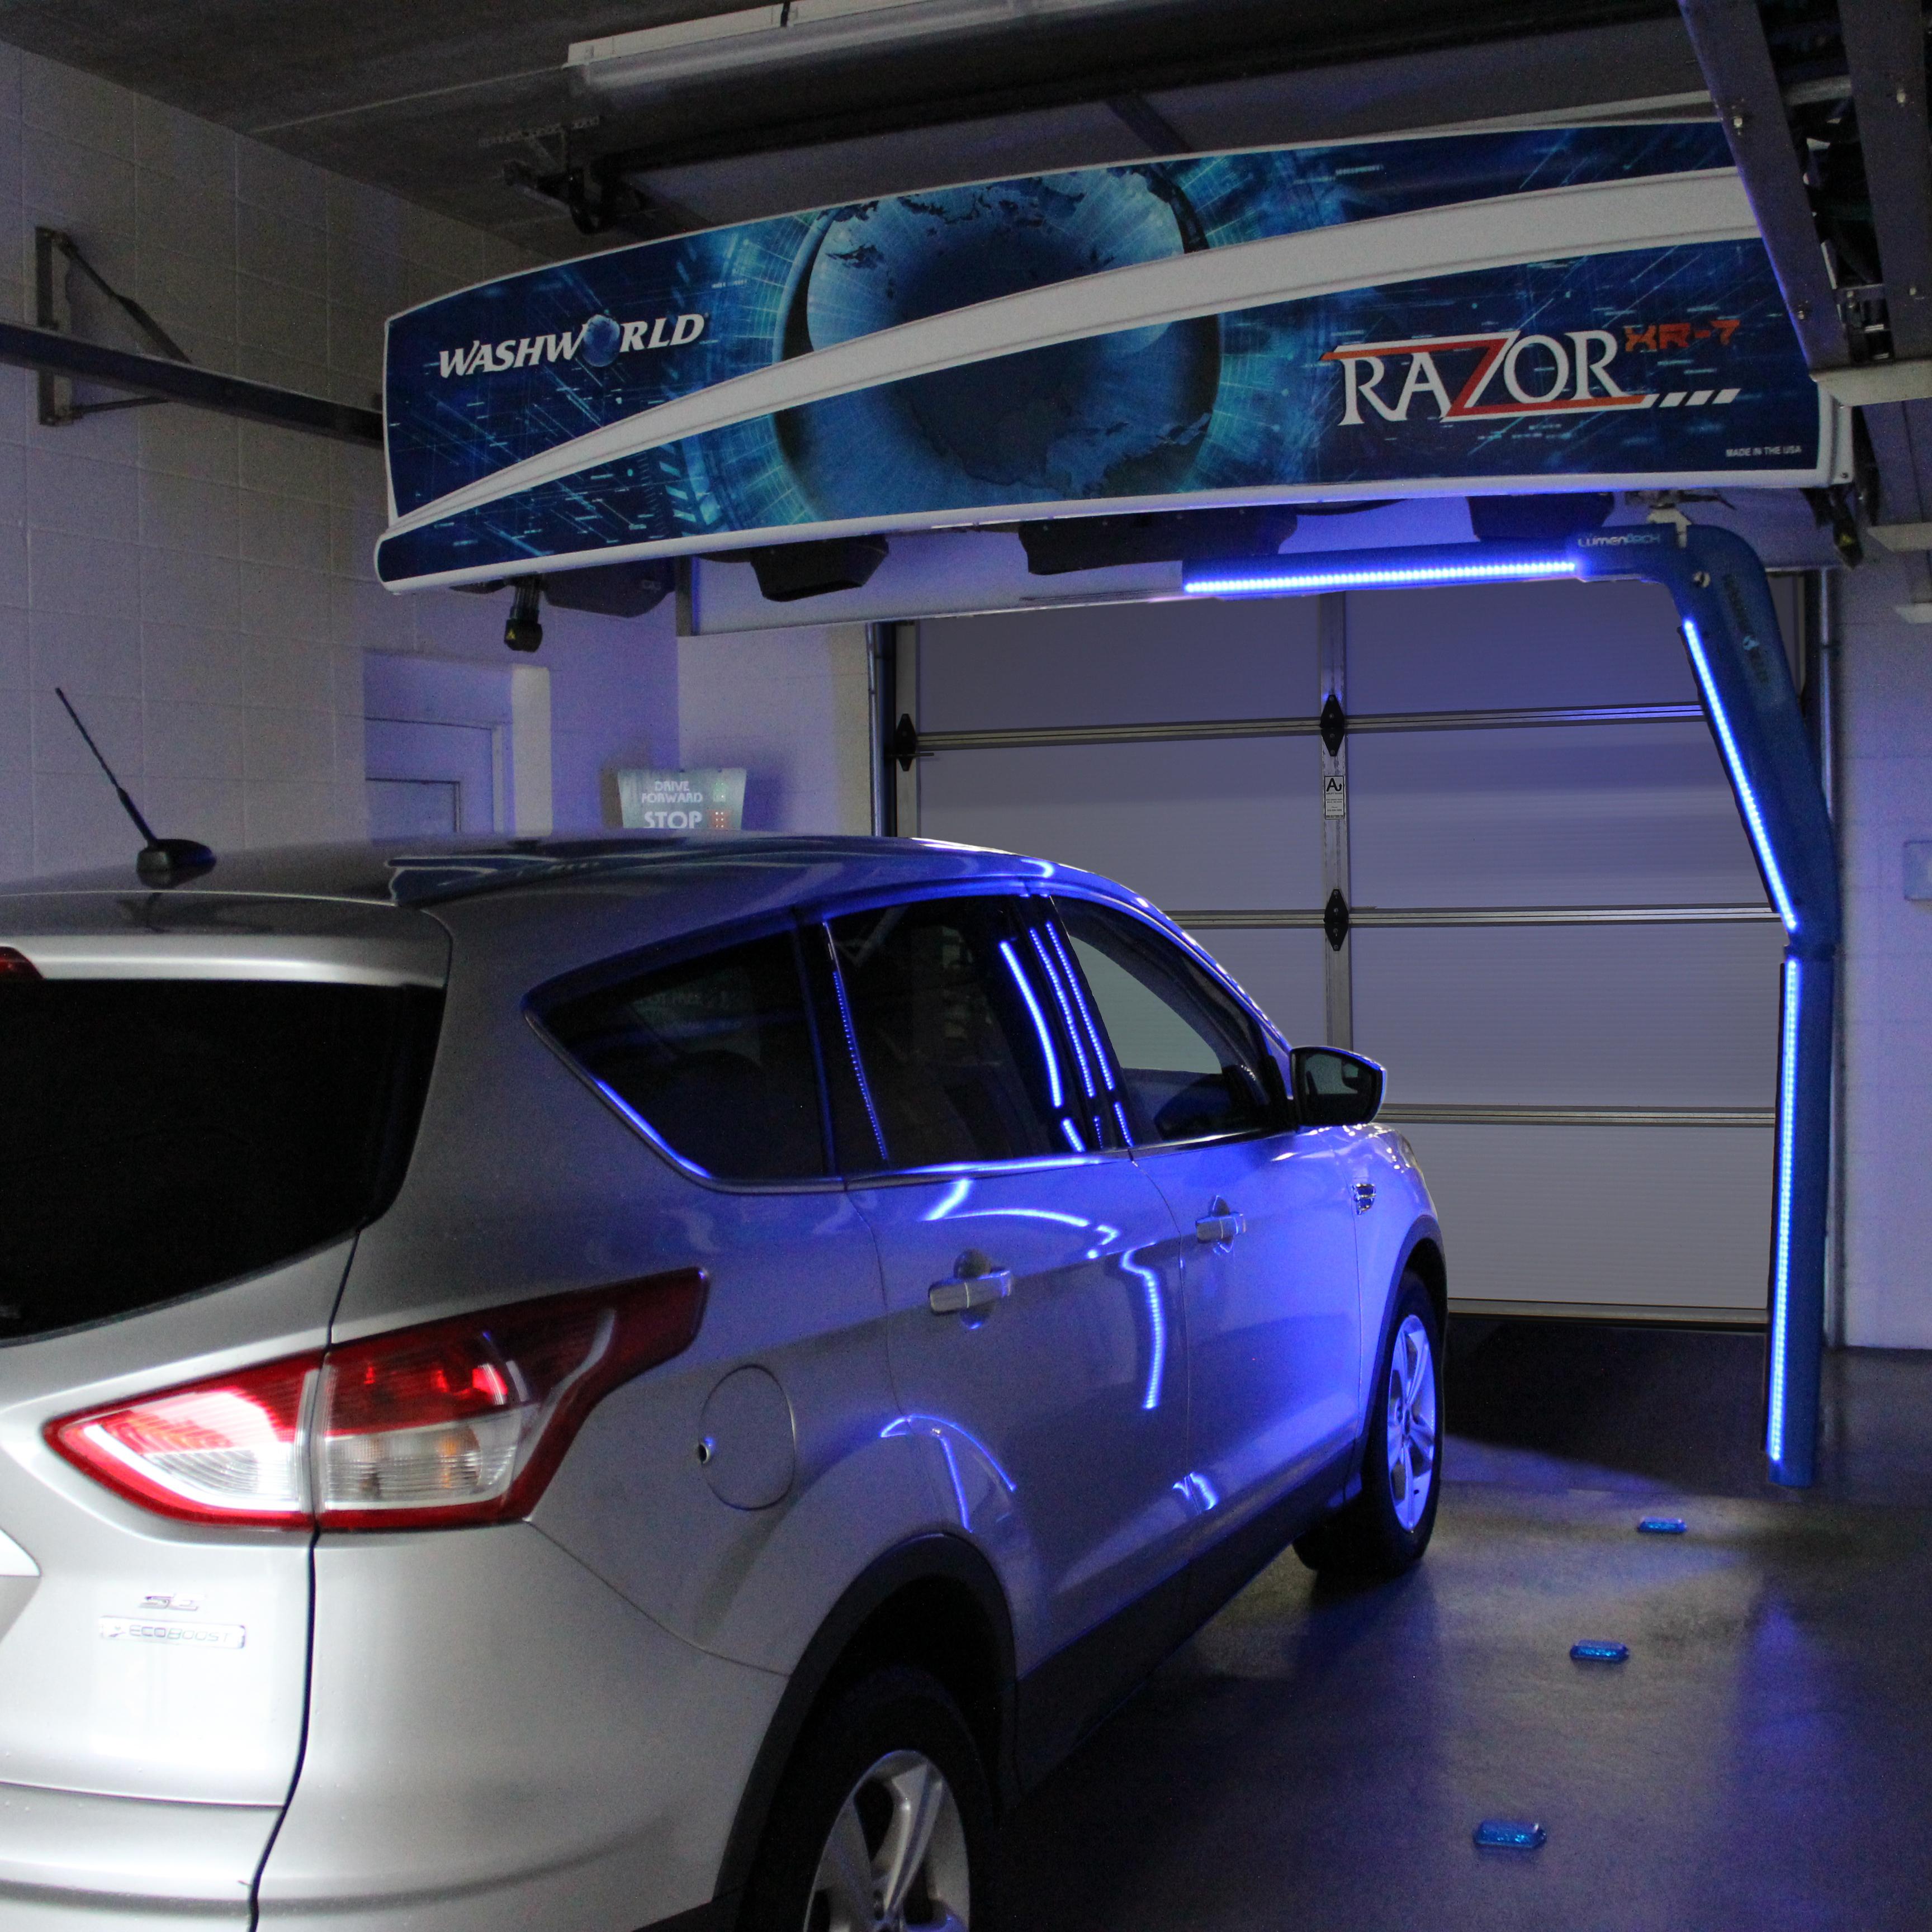 Washworld Razor XR-7 car wash